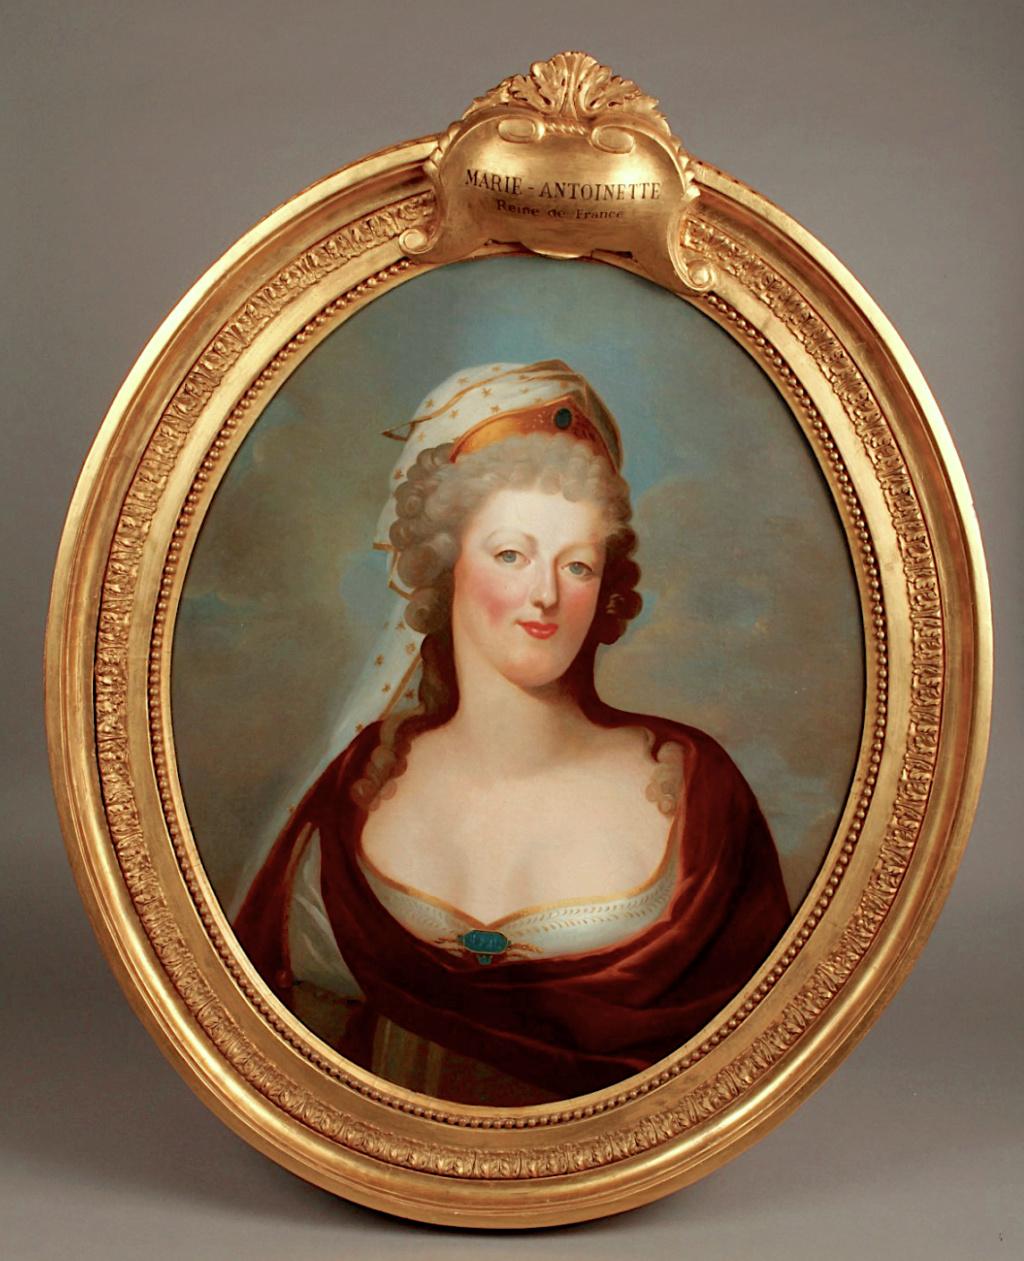 Portraits de Marie-Antoinette costumée à l'antique, ou en vestale, par et d'après F. Dumont  Capt1258